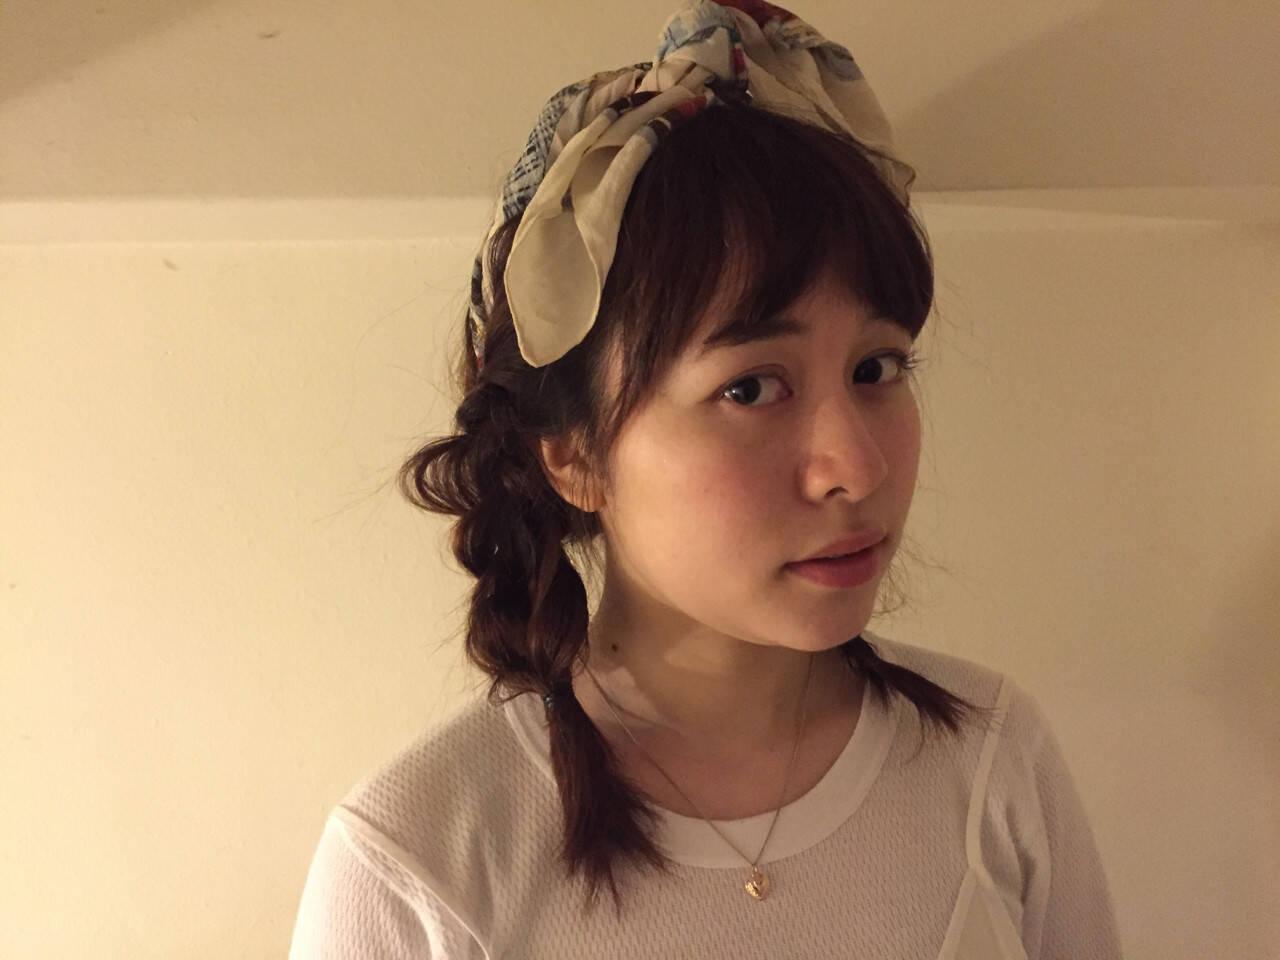 外国人風 ヘアアレンジ バンダナ 簡単ヘアアレンジヘアスタイルや髪型の写真・画像